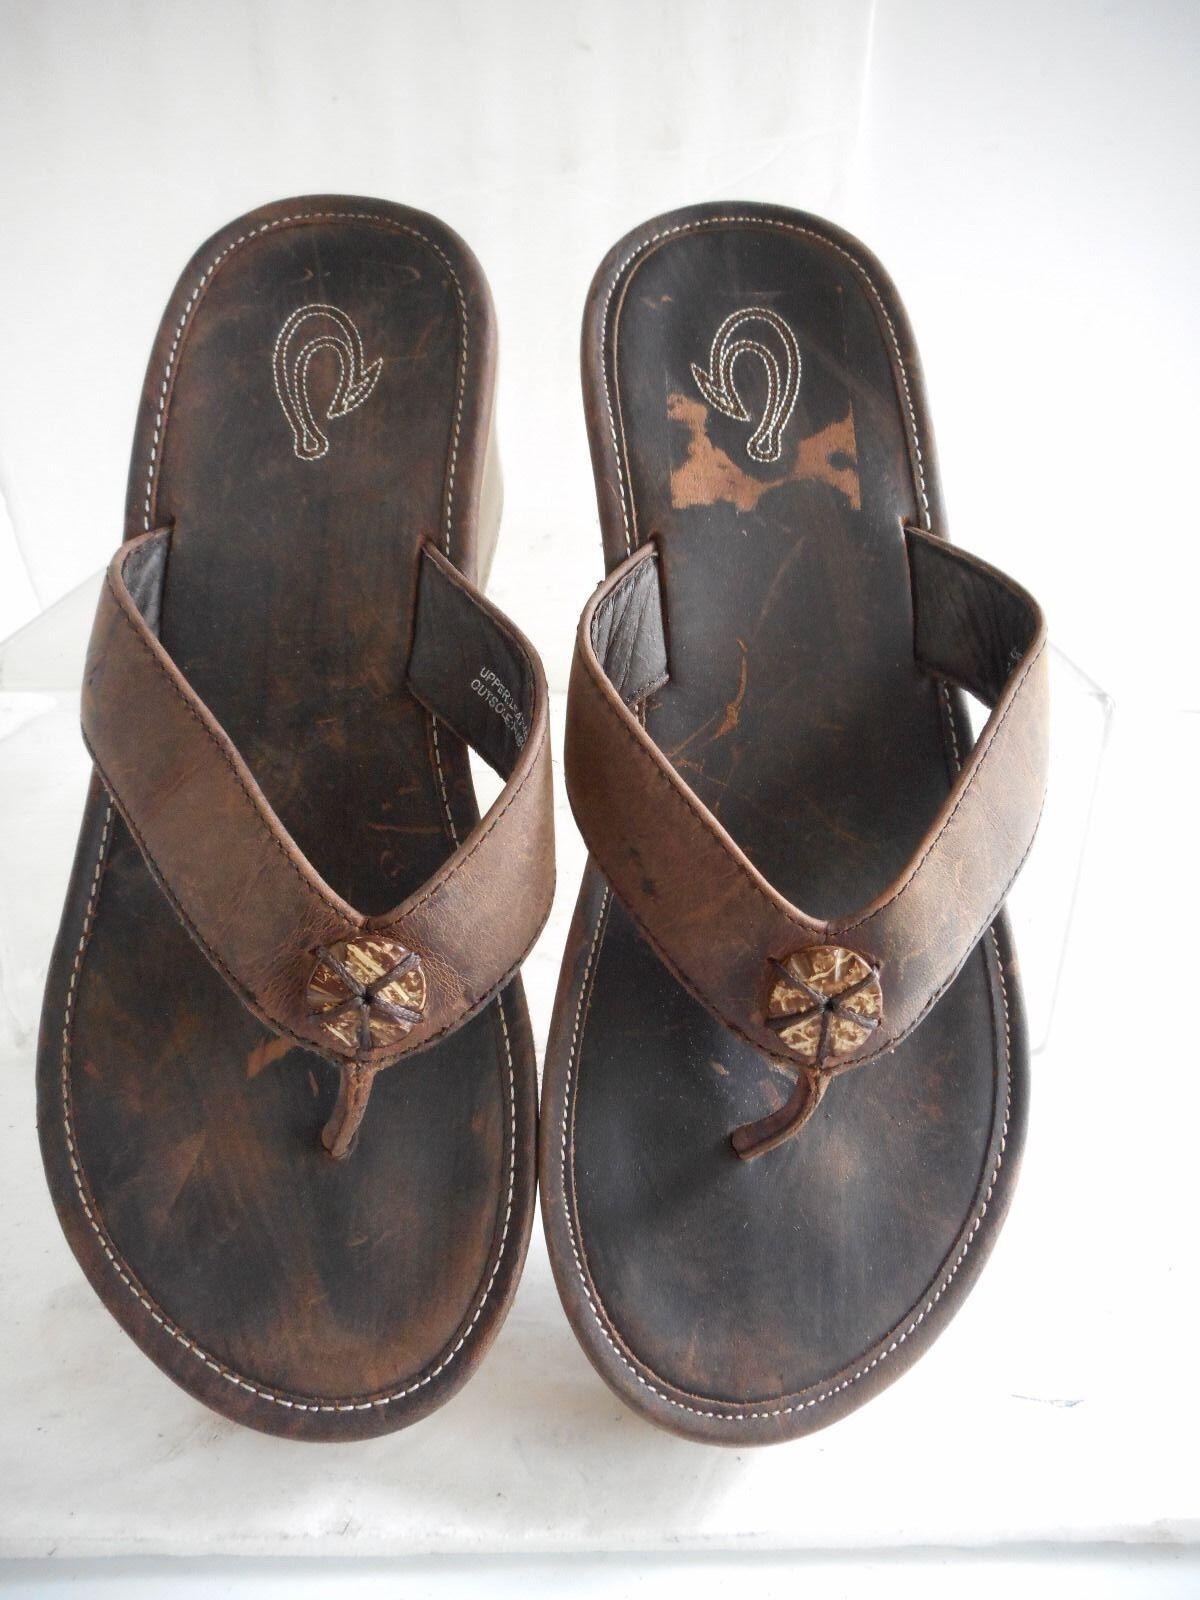 OluKai 'Melia'  brown leather Sandal sz 7